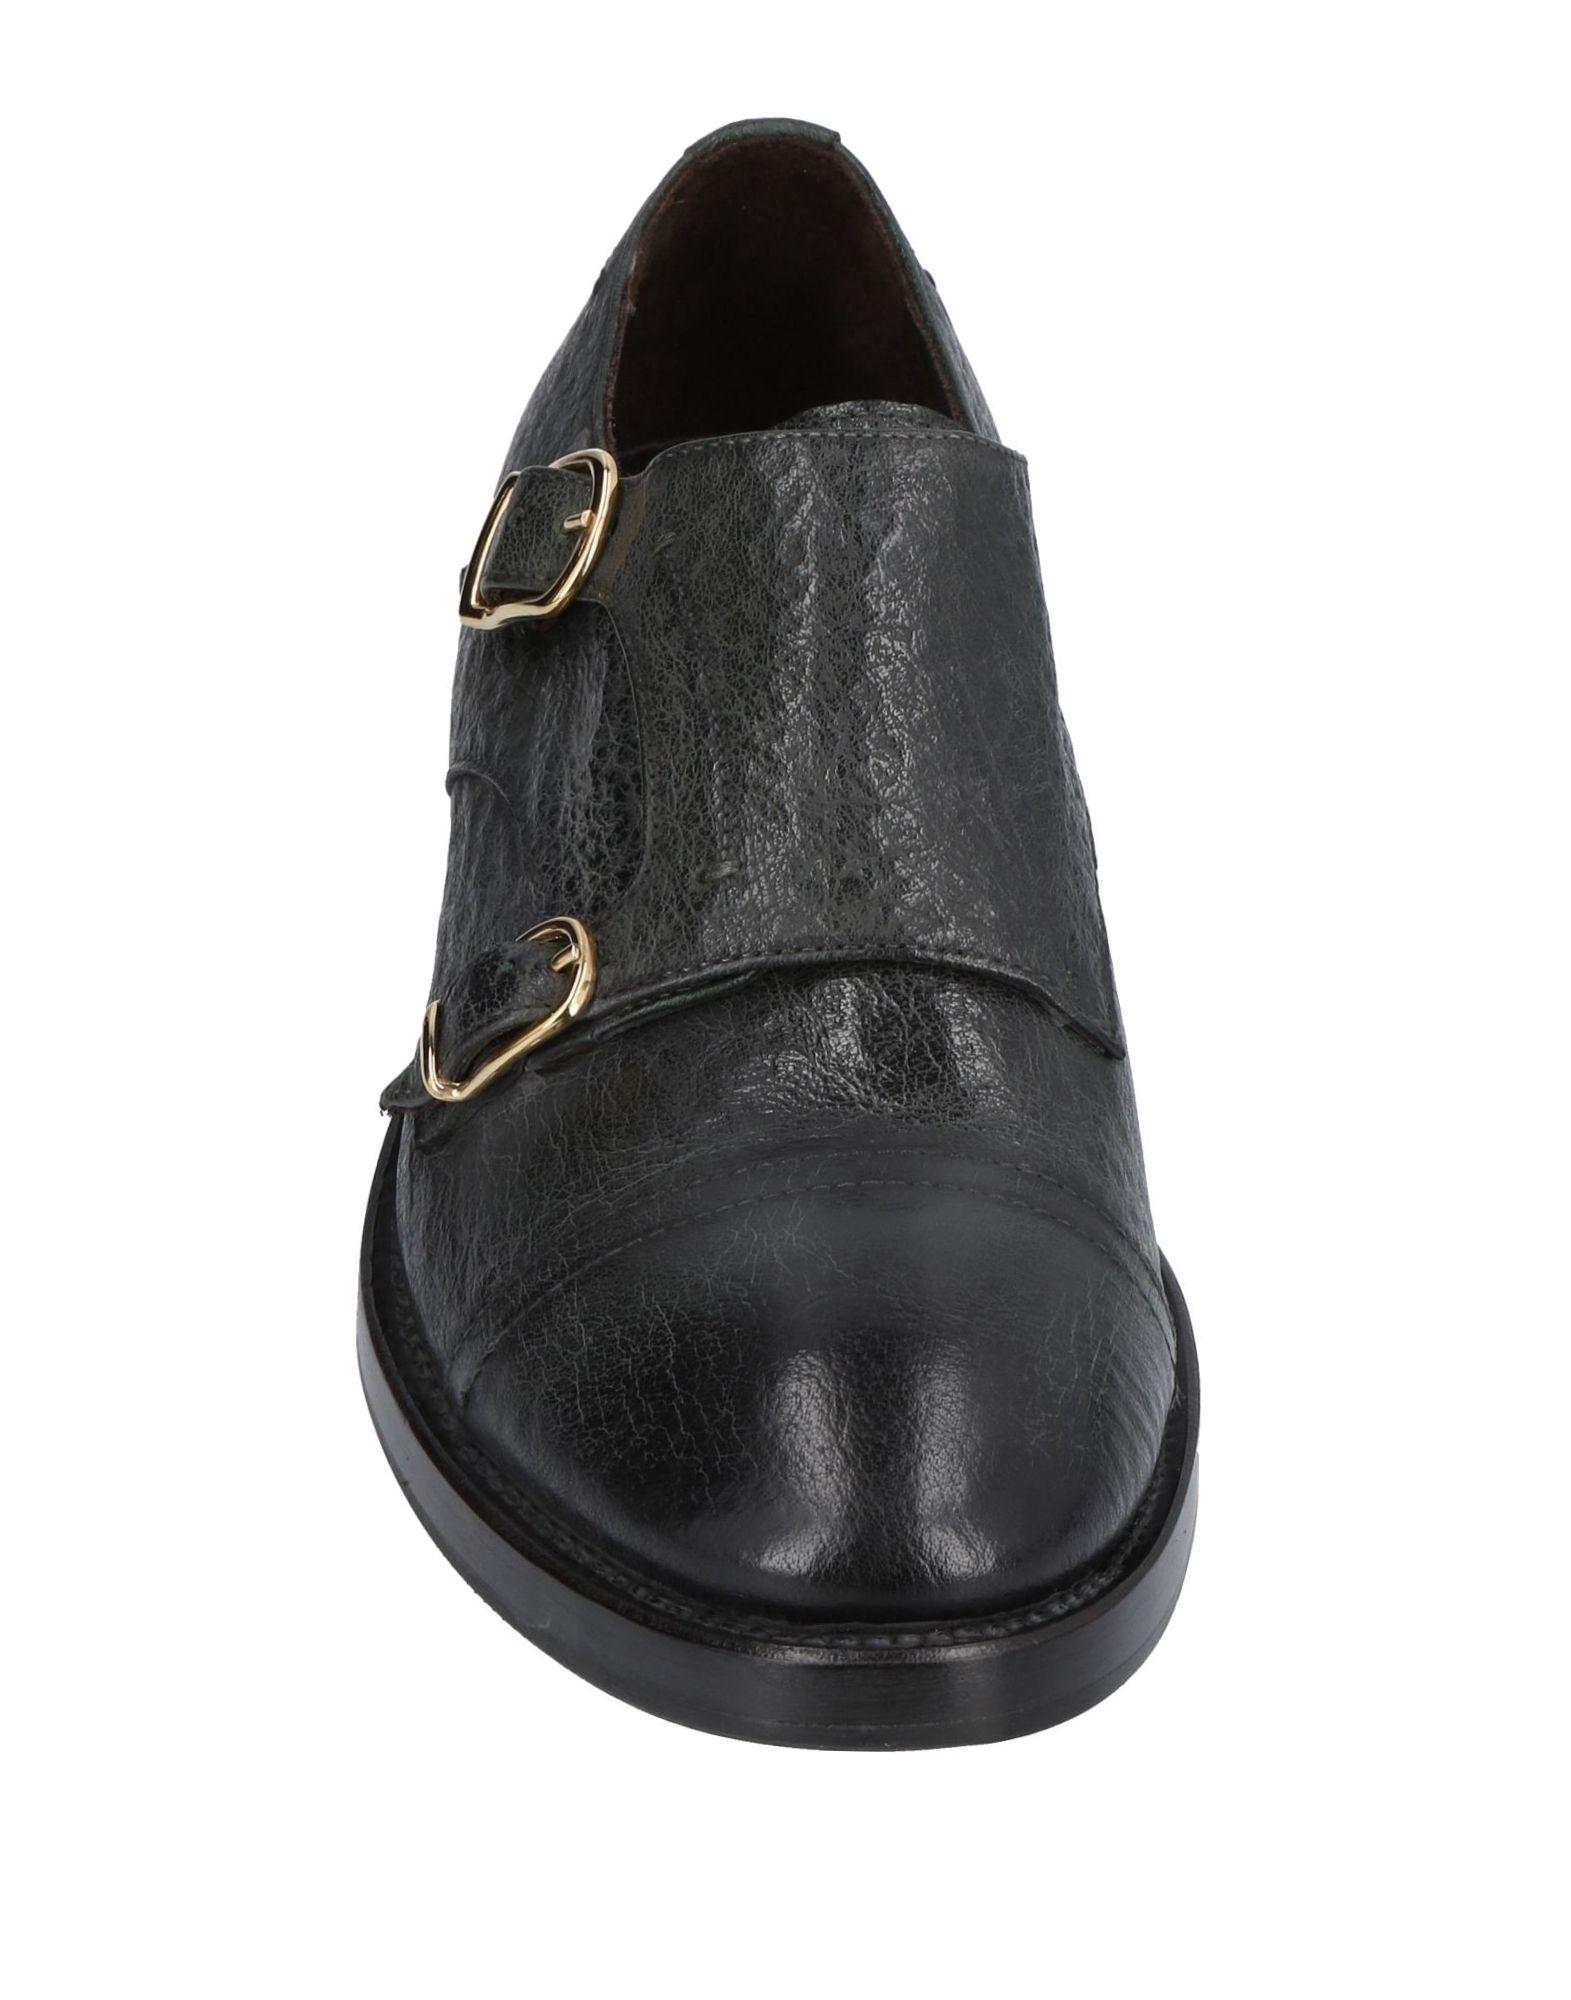 Raparo Mokassins Qualität Herren  11459914GC Gute Qualität Mokassins beliebte Schuhe 1093b5